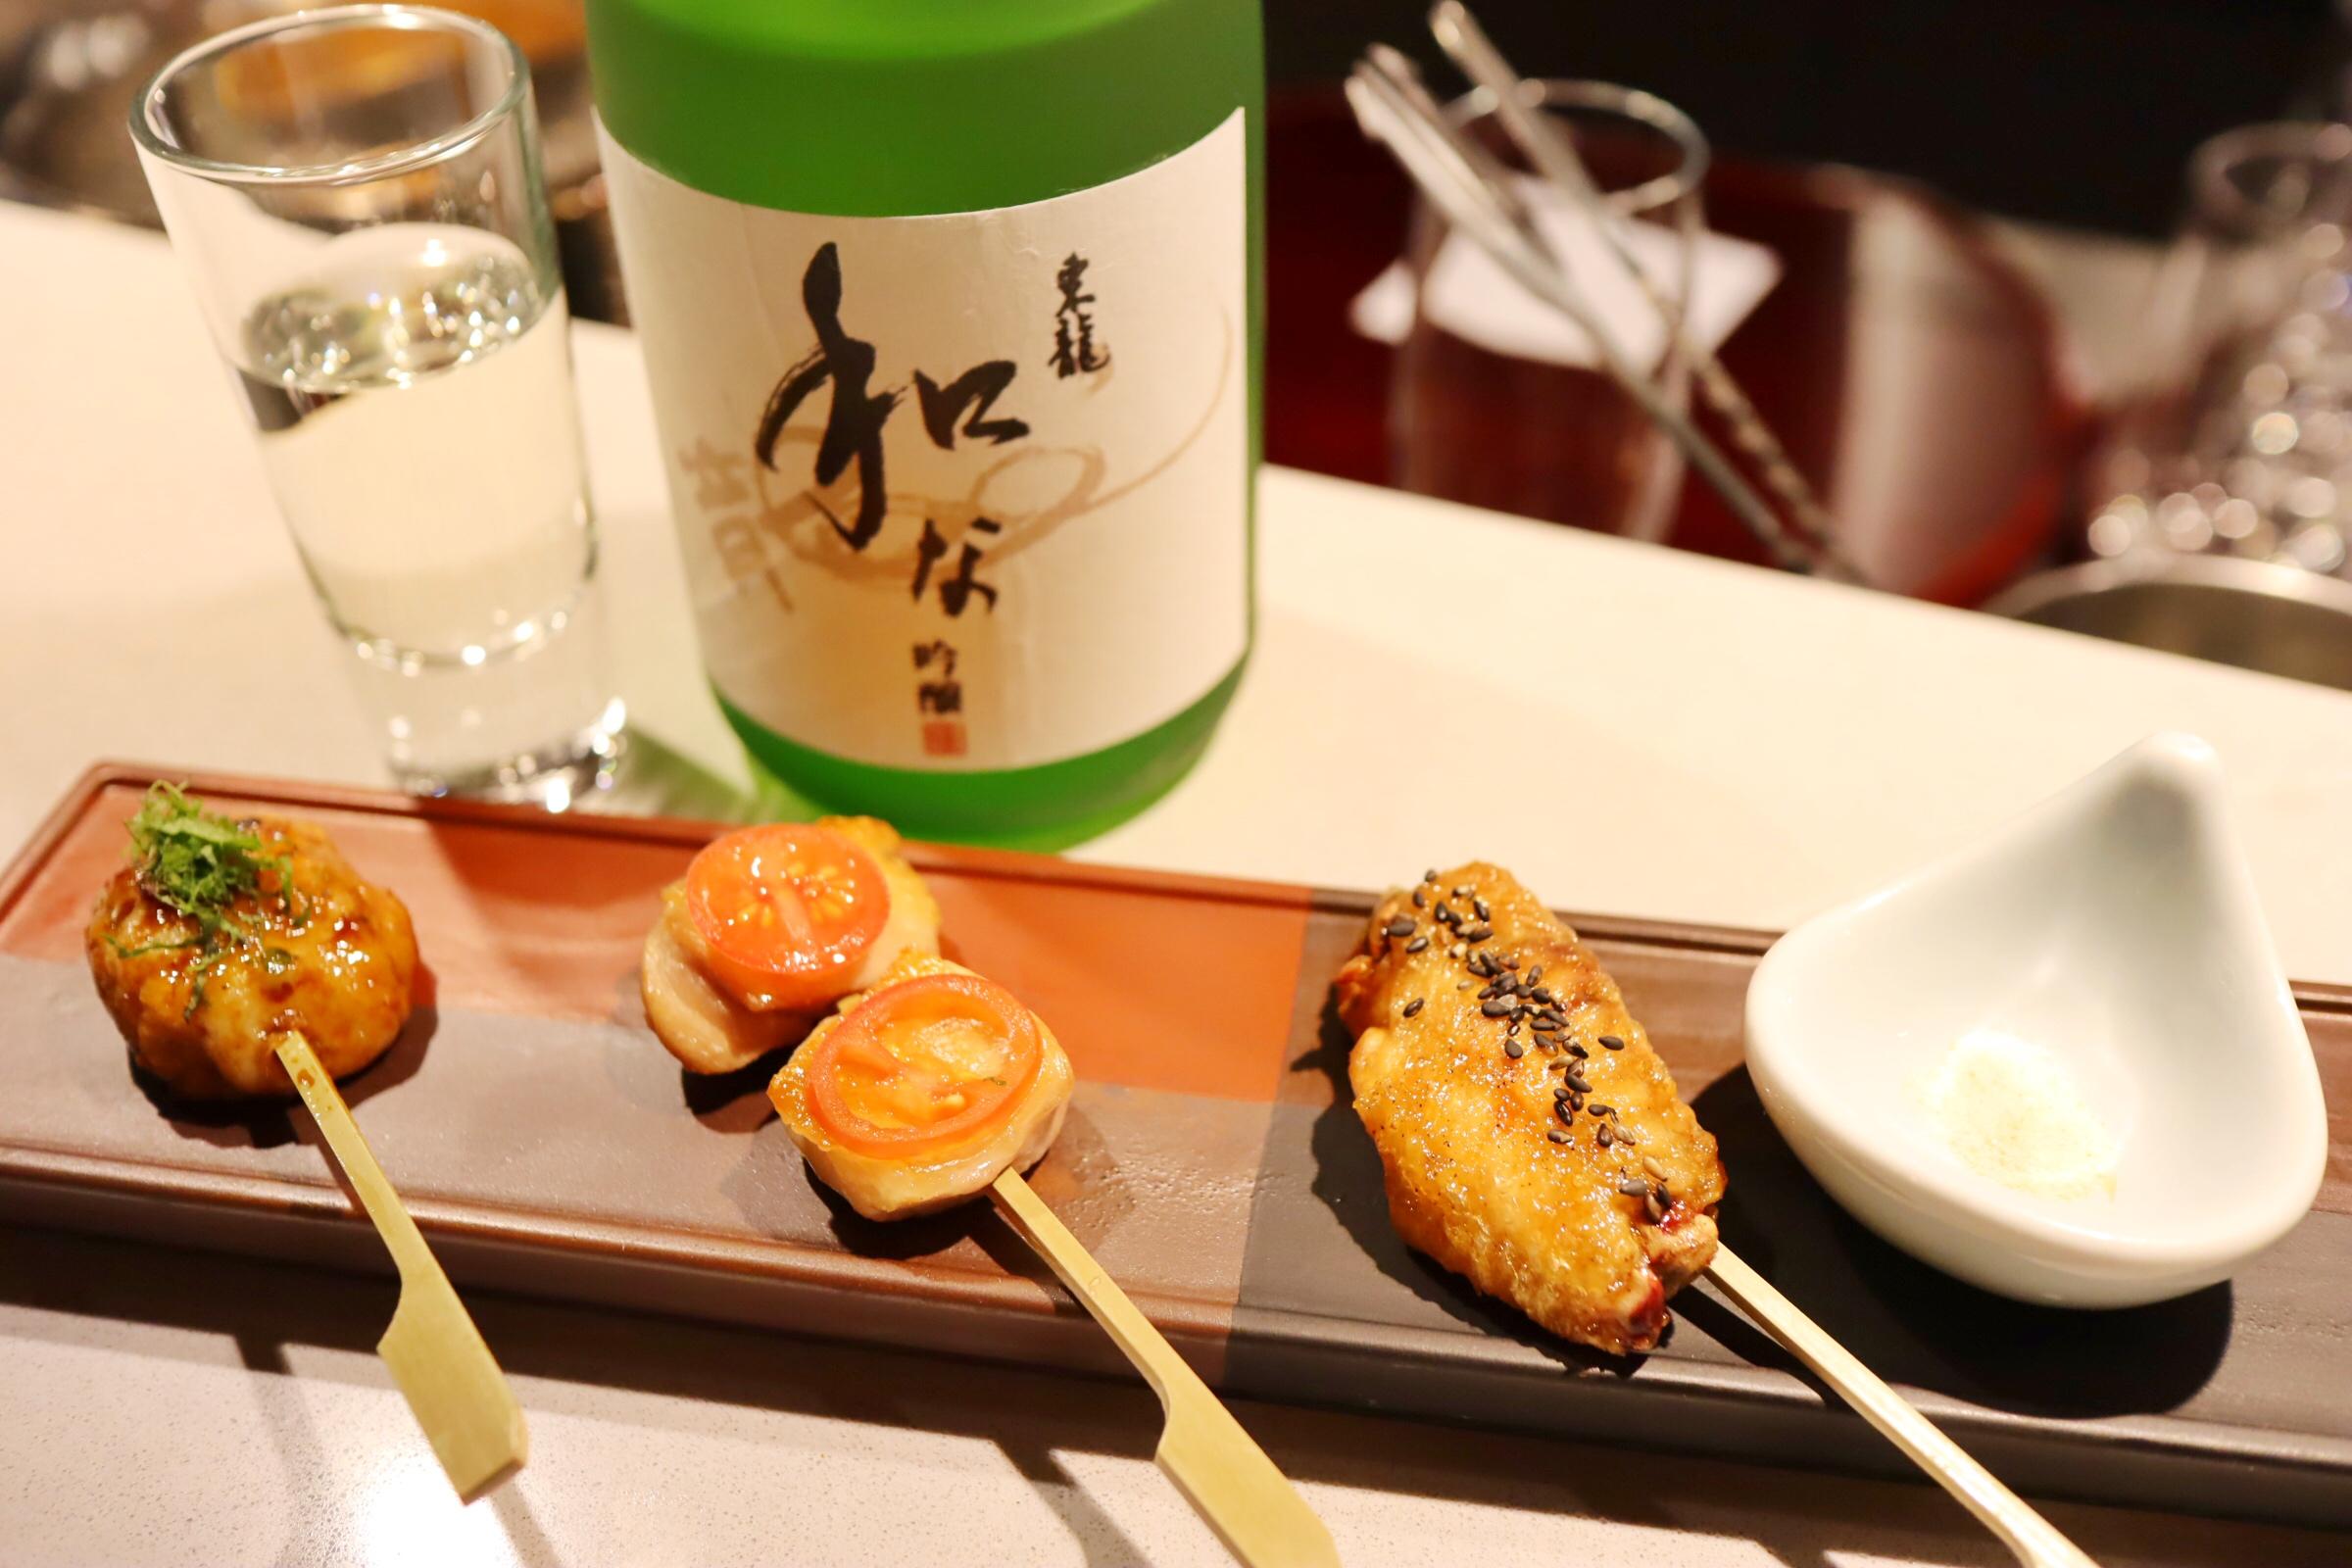 ヒルトン名古屋の日本料理「源氏」に酒バーがオープン!特選地酒と地元食材を使った創作和食とのペアリングを堪能できる - 67380a1be58af13434b6adabb6c2cf1a